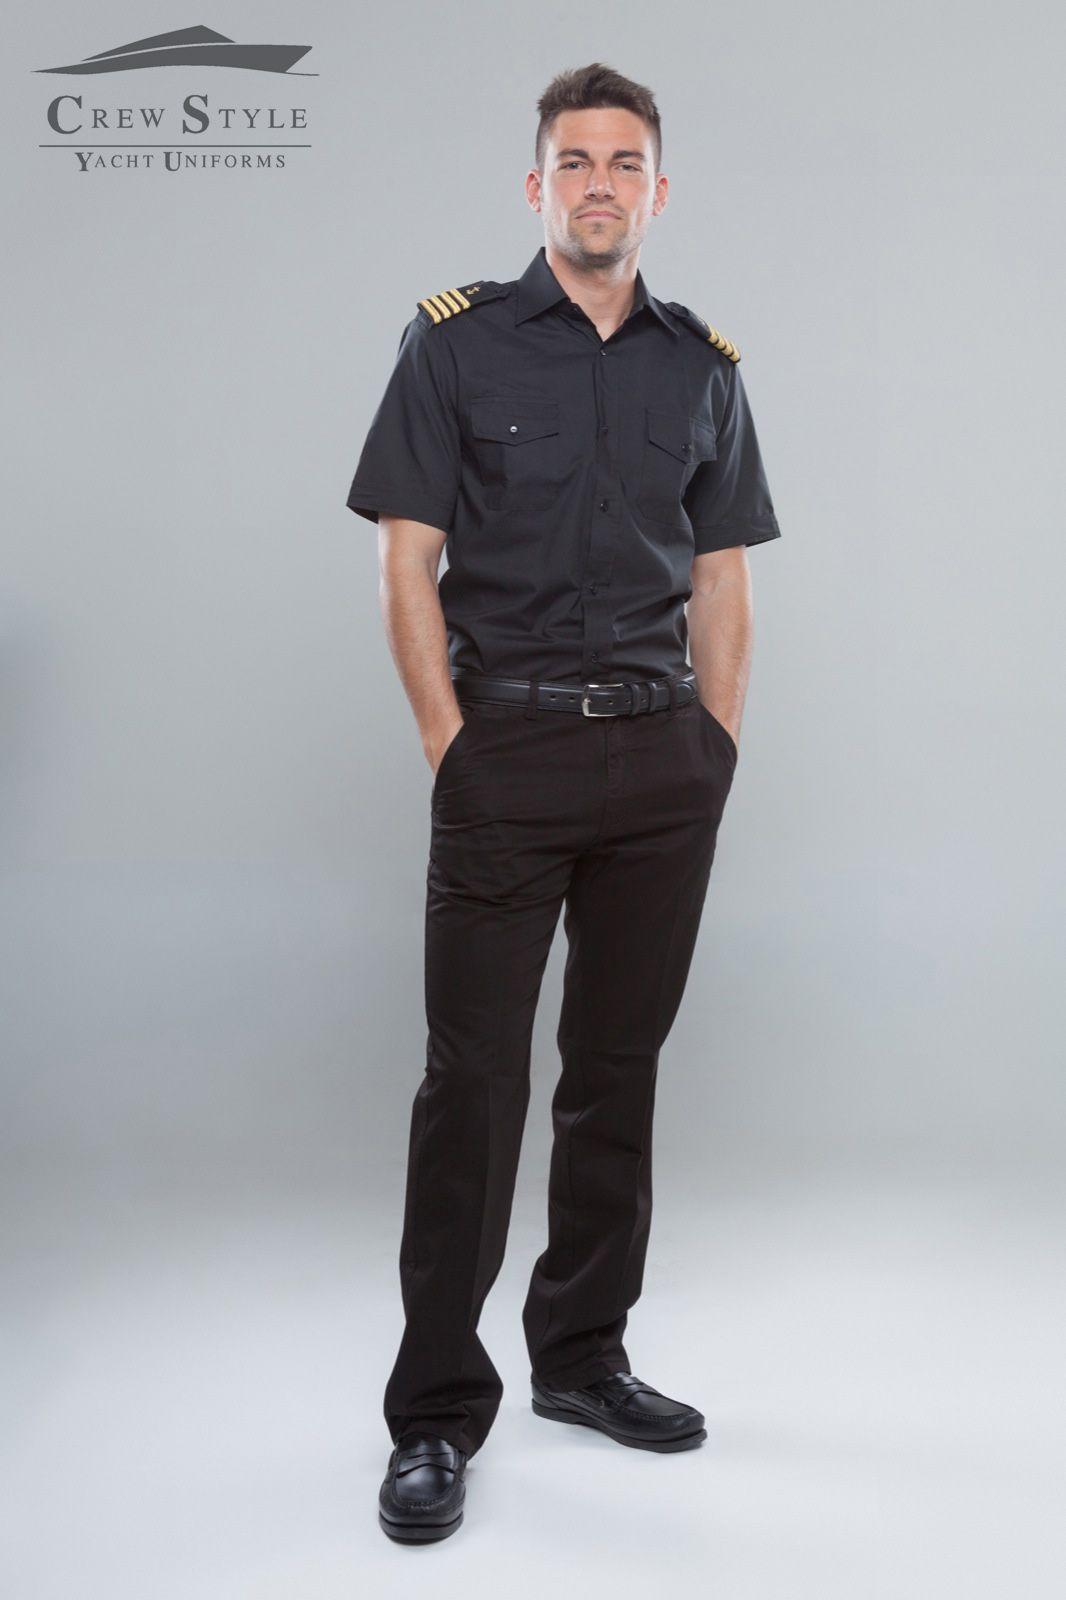 Total Black Captain Uniform Yacht Uniform Yacht Wear Black